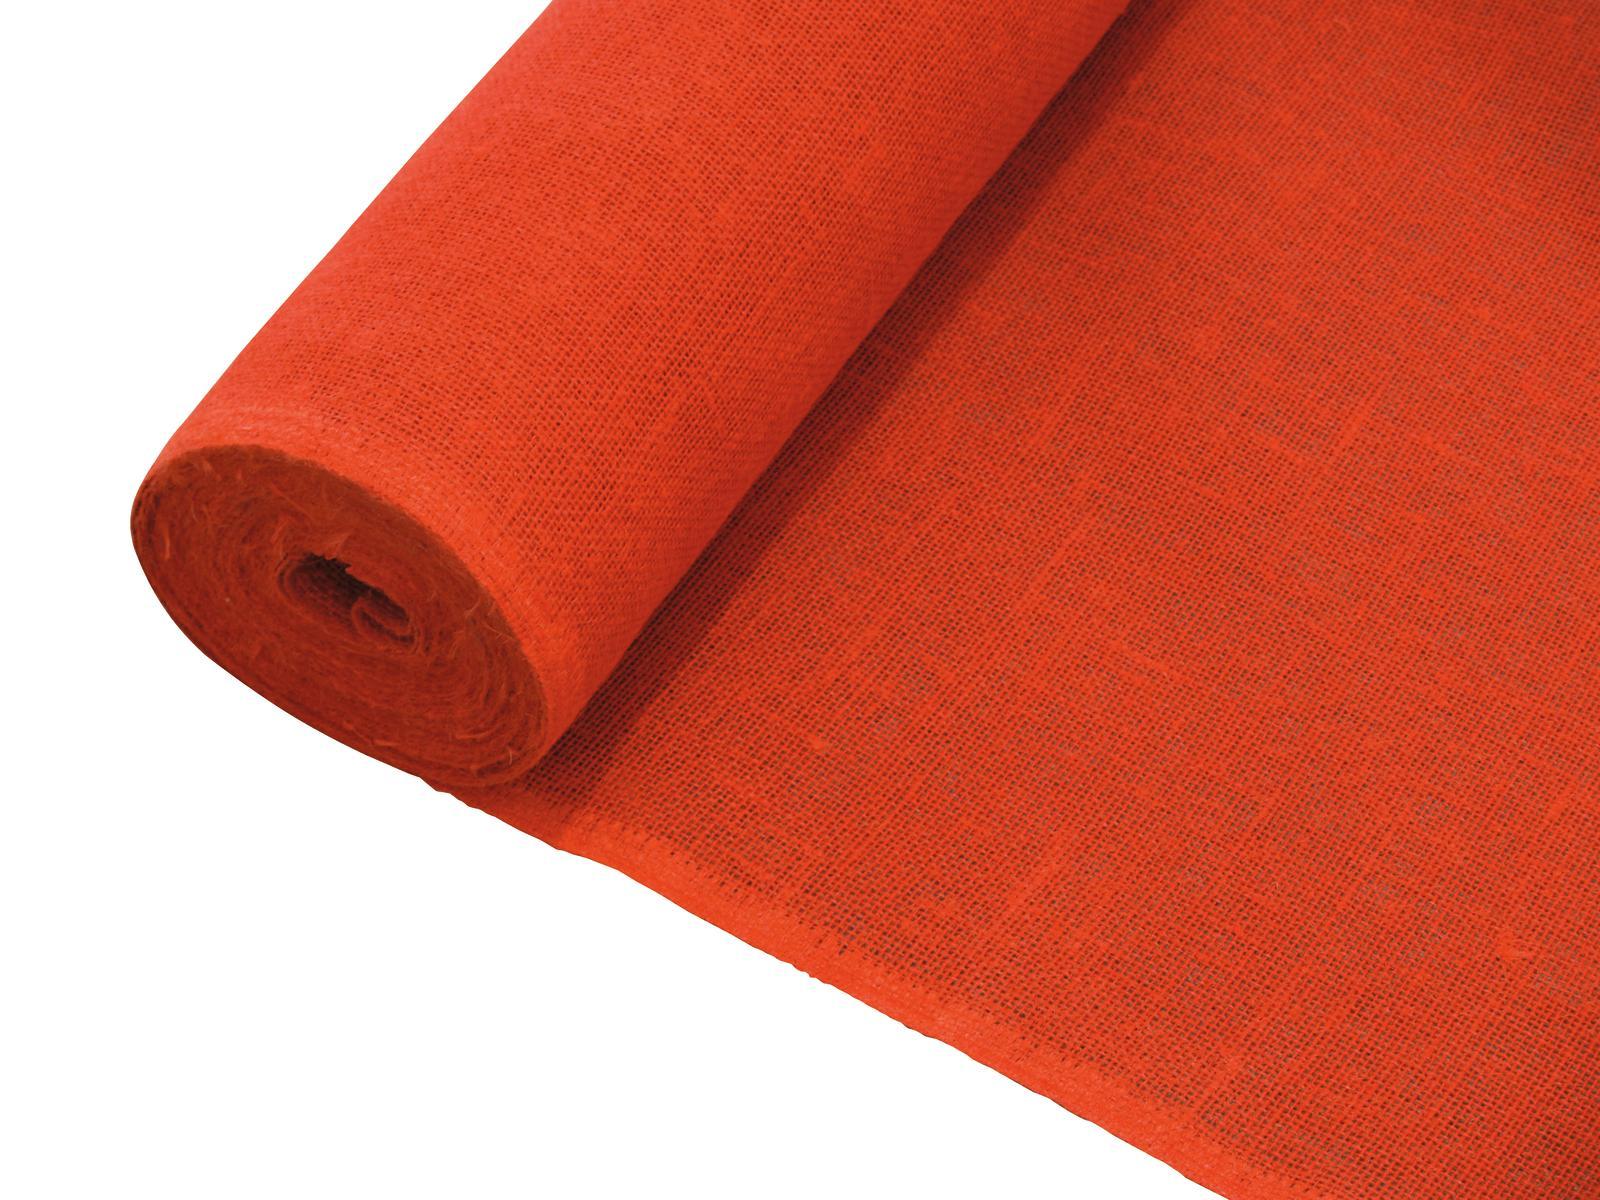 Dekorační tkanina červená, šíře 130cm, cena / m